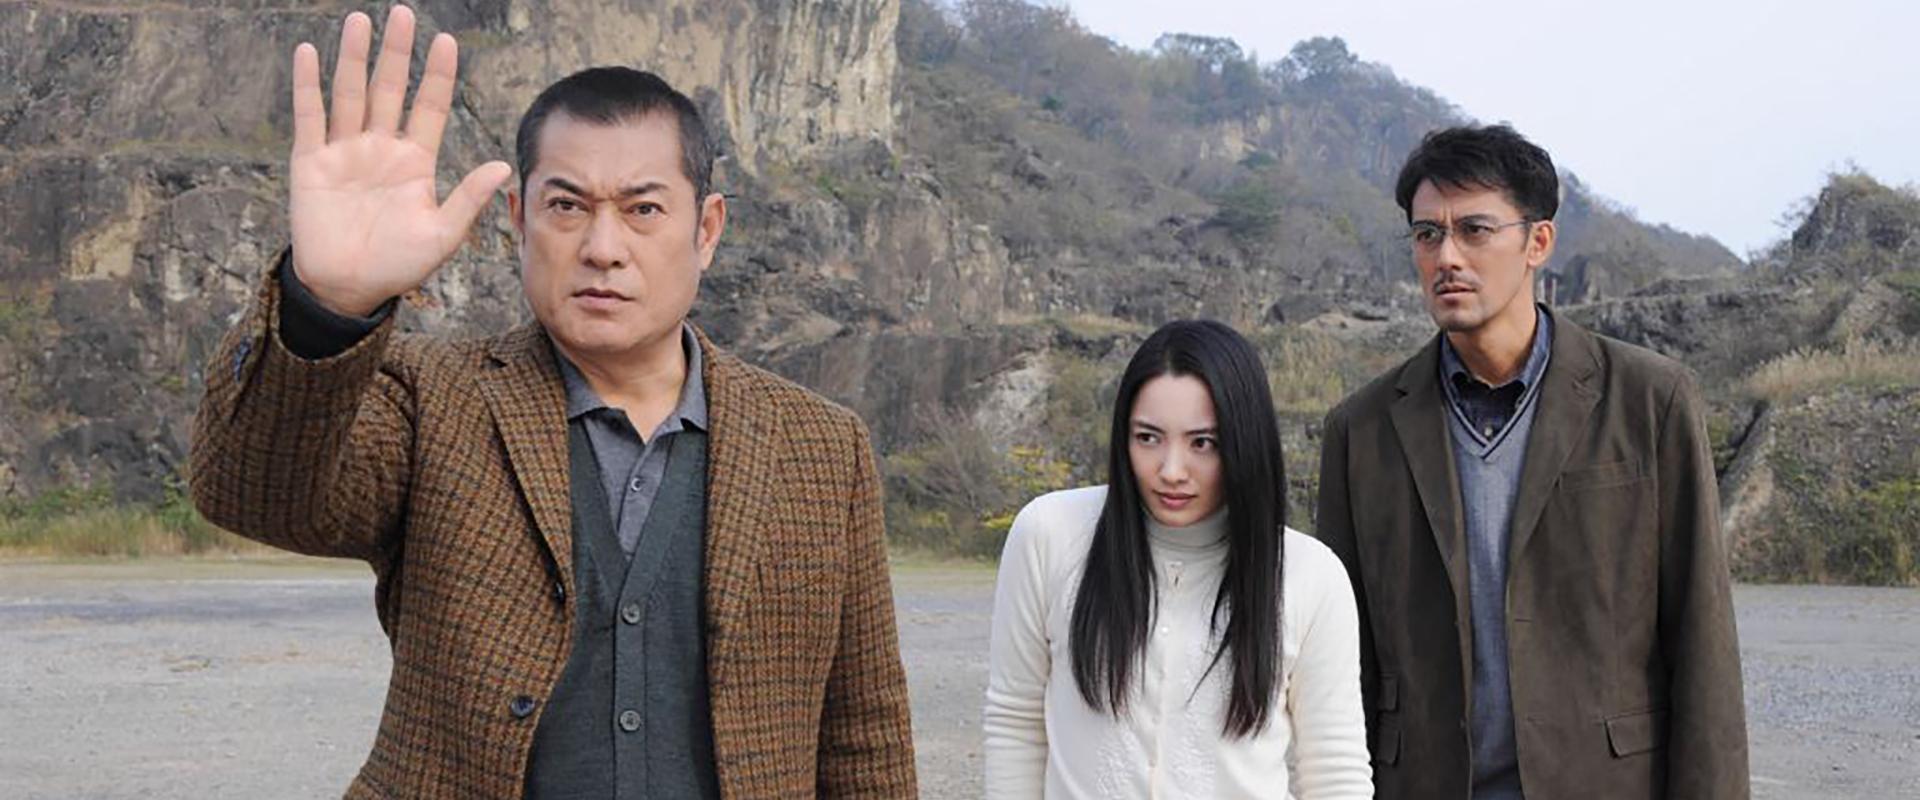 SID0002570 fhds - 野際陽子さん出演作品を自宅で見る事ができます。